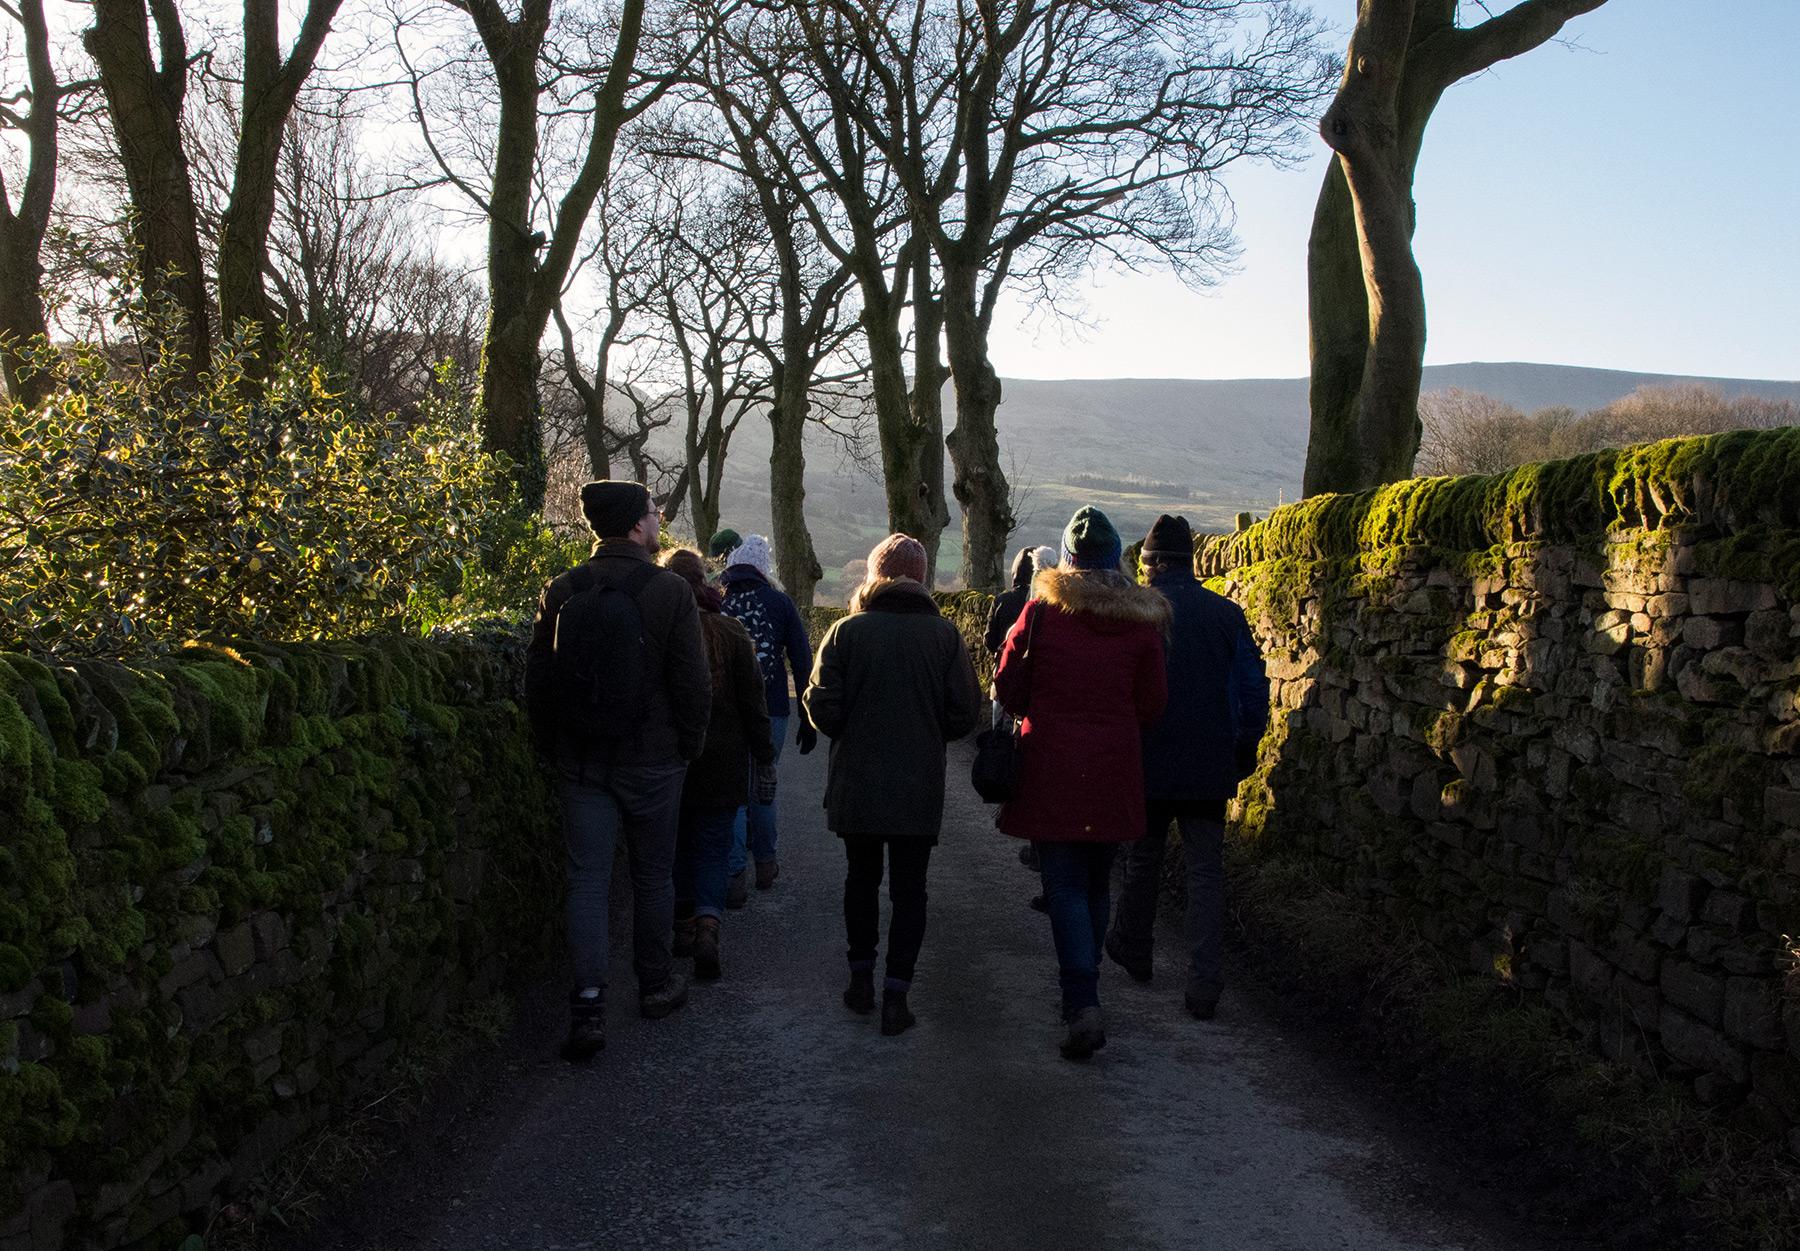 People walking along lane